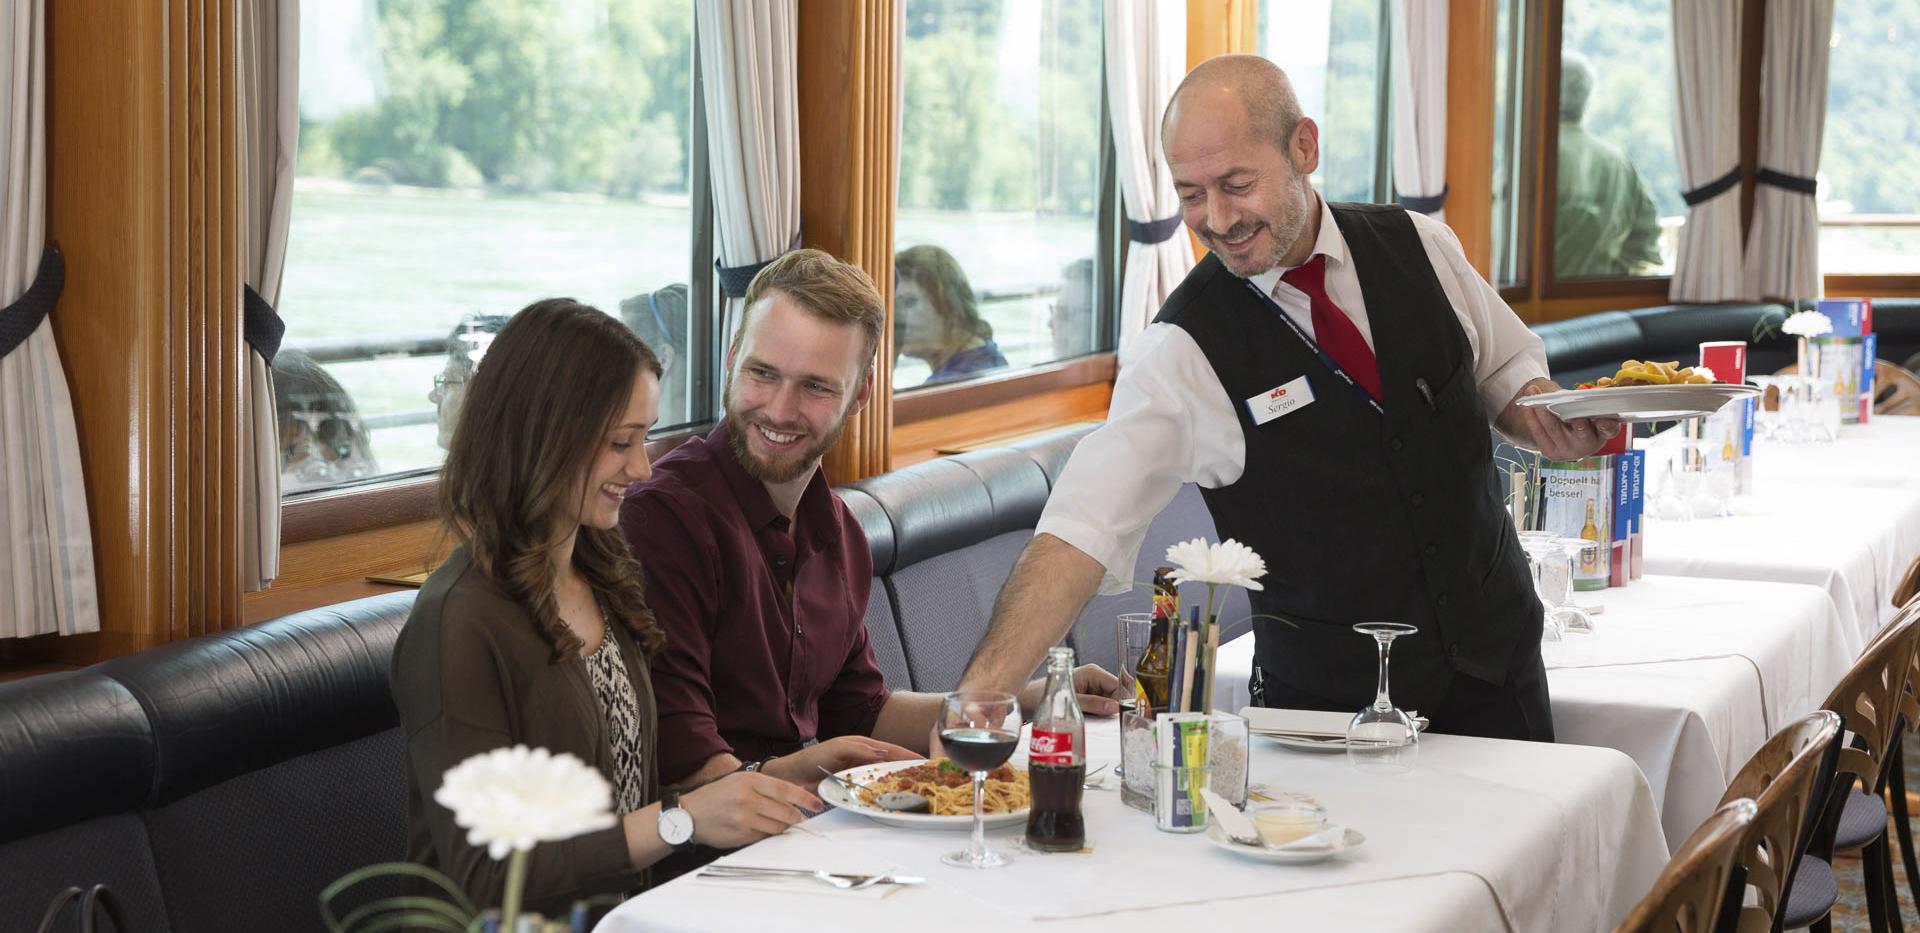 fotograf-restaurant-kellner-boot-dinner